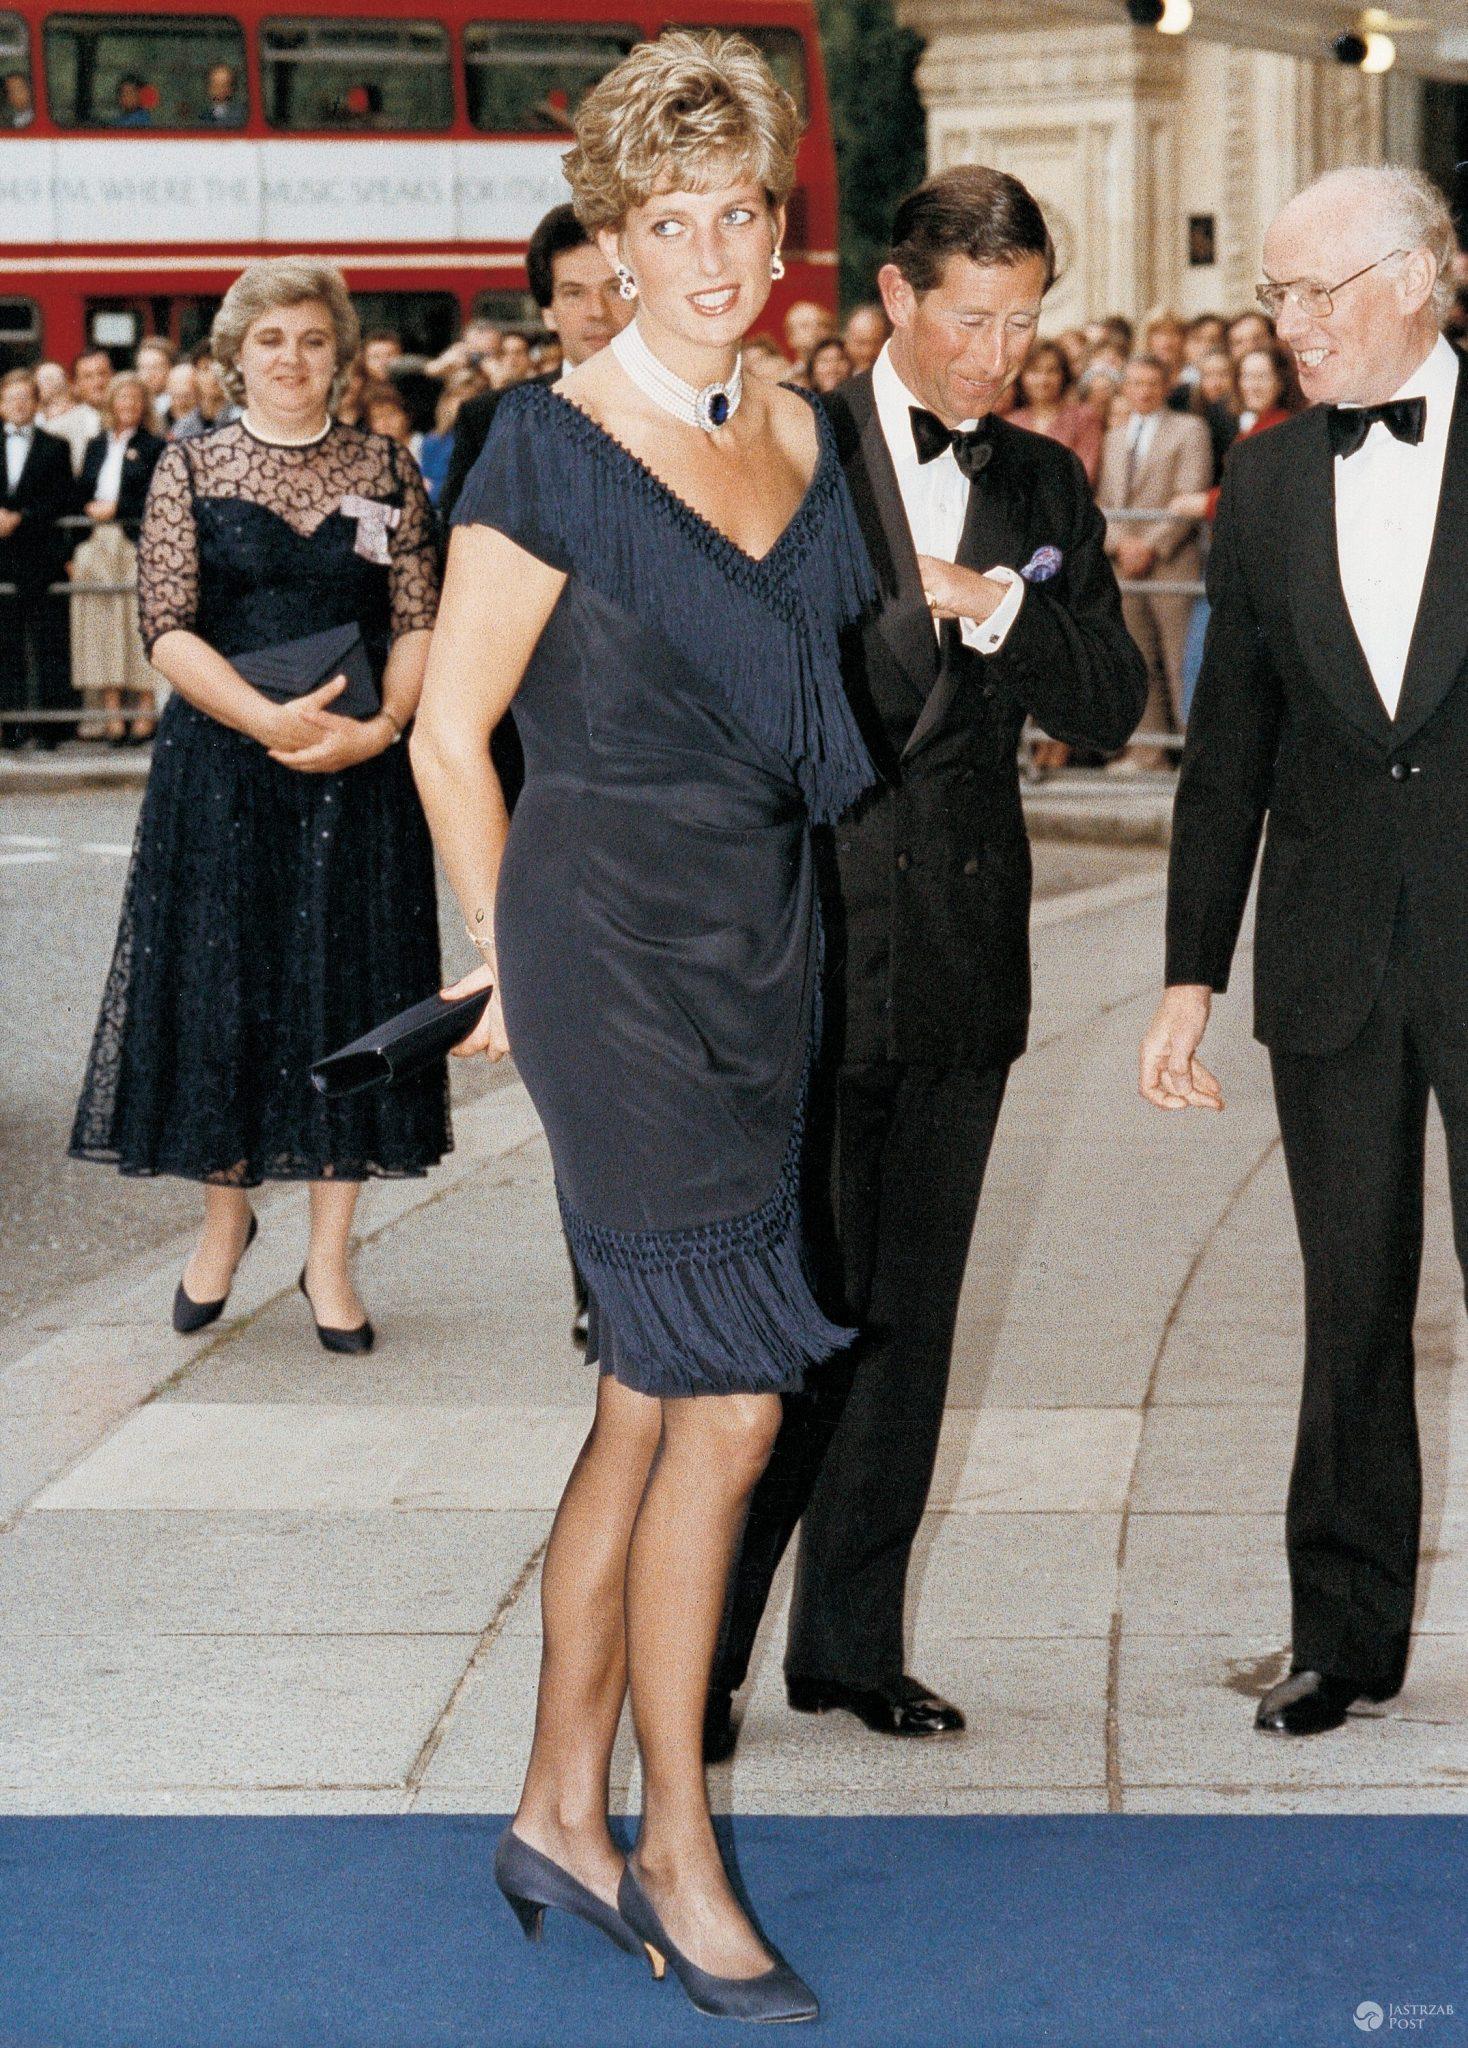 Księżna Diana - jak wyglądałaby dzisiaj?